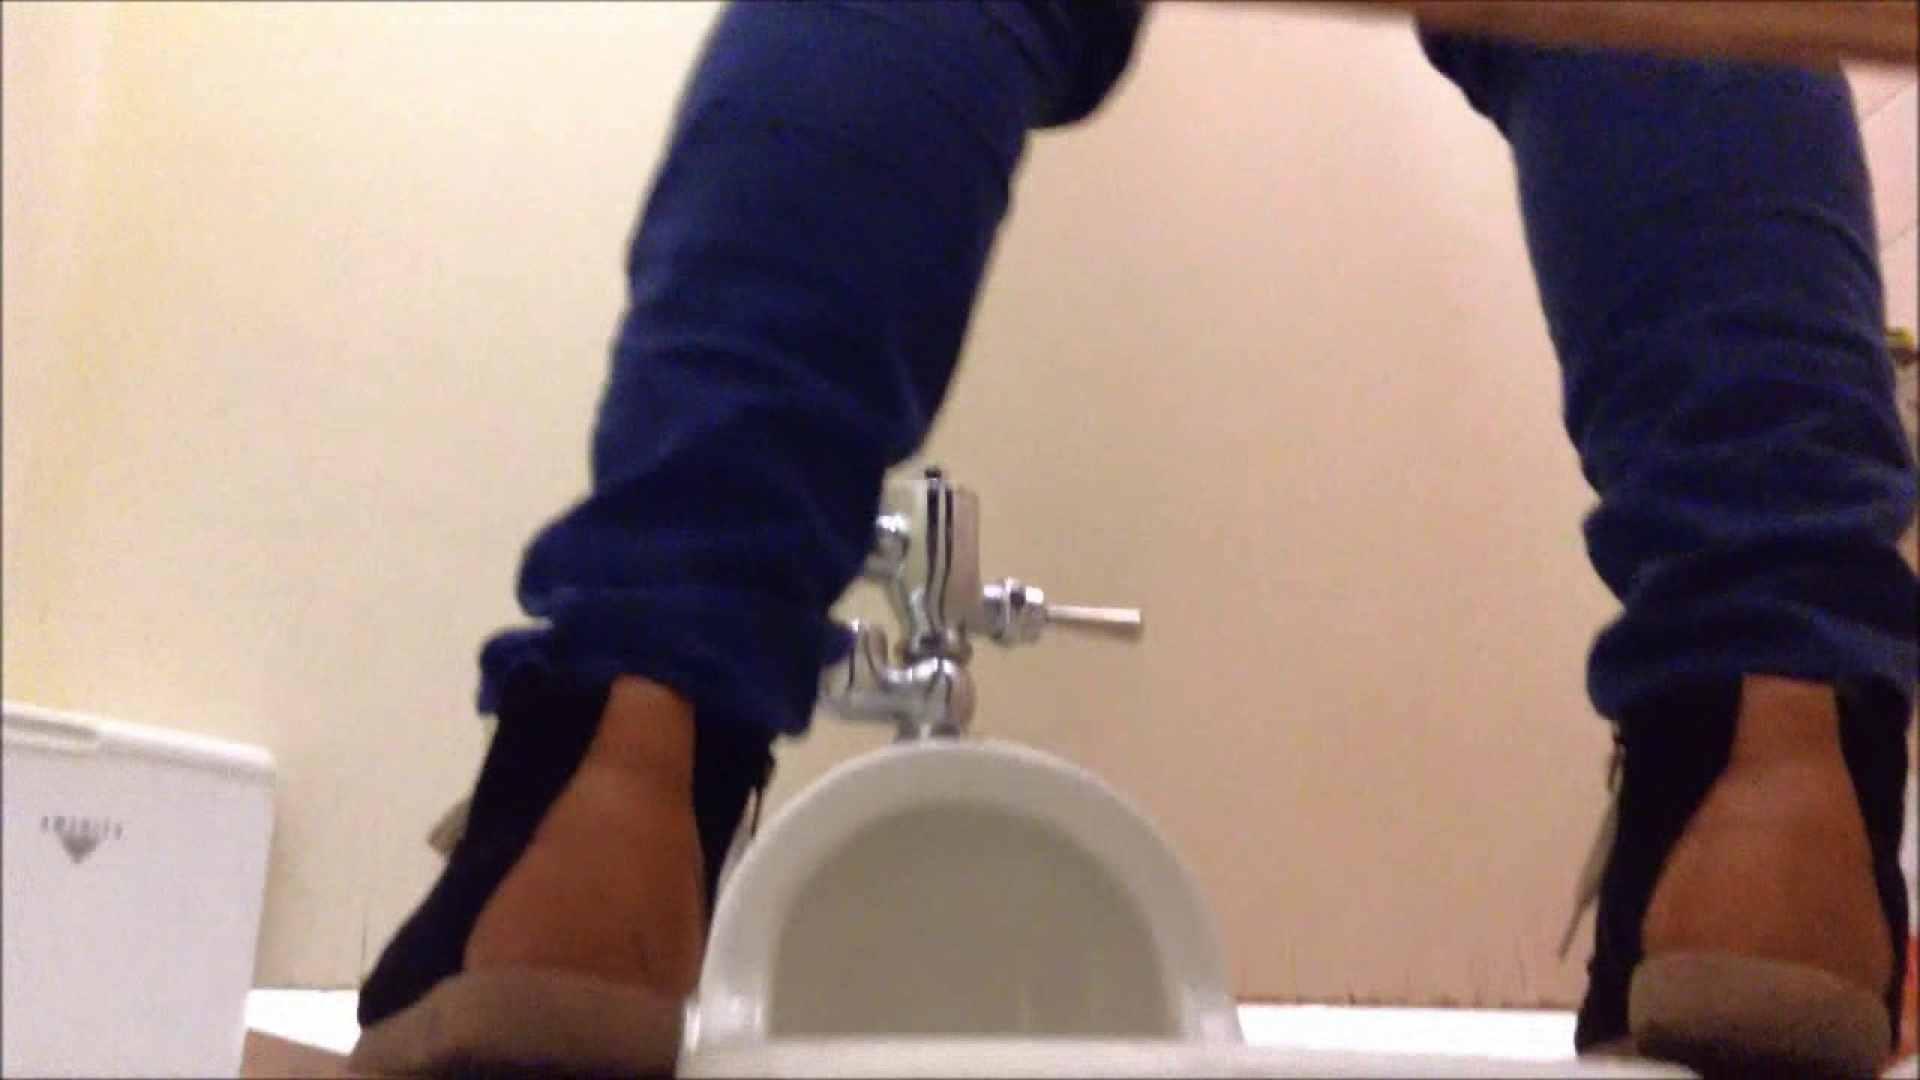 某有名大学女性洗面所 vol.13 排泄 アダルト動画キャプチャ 65画像 44